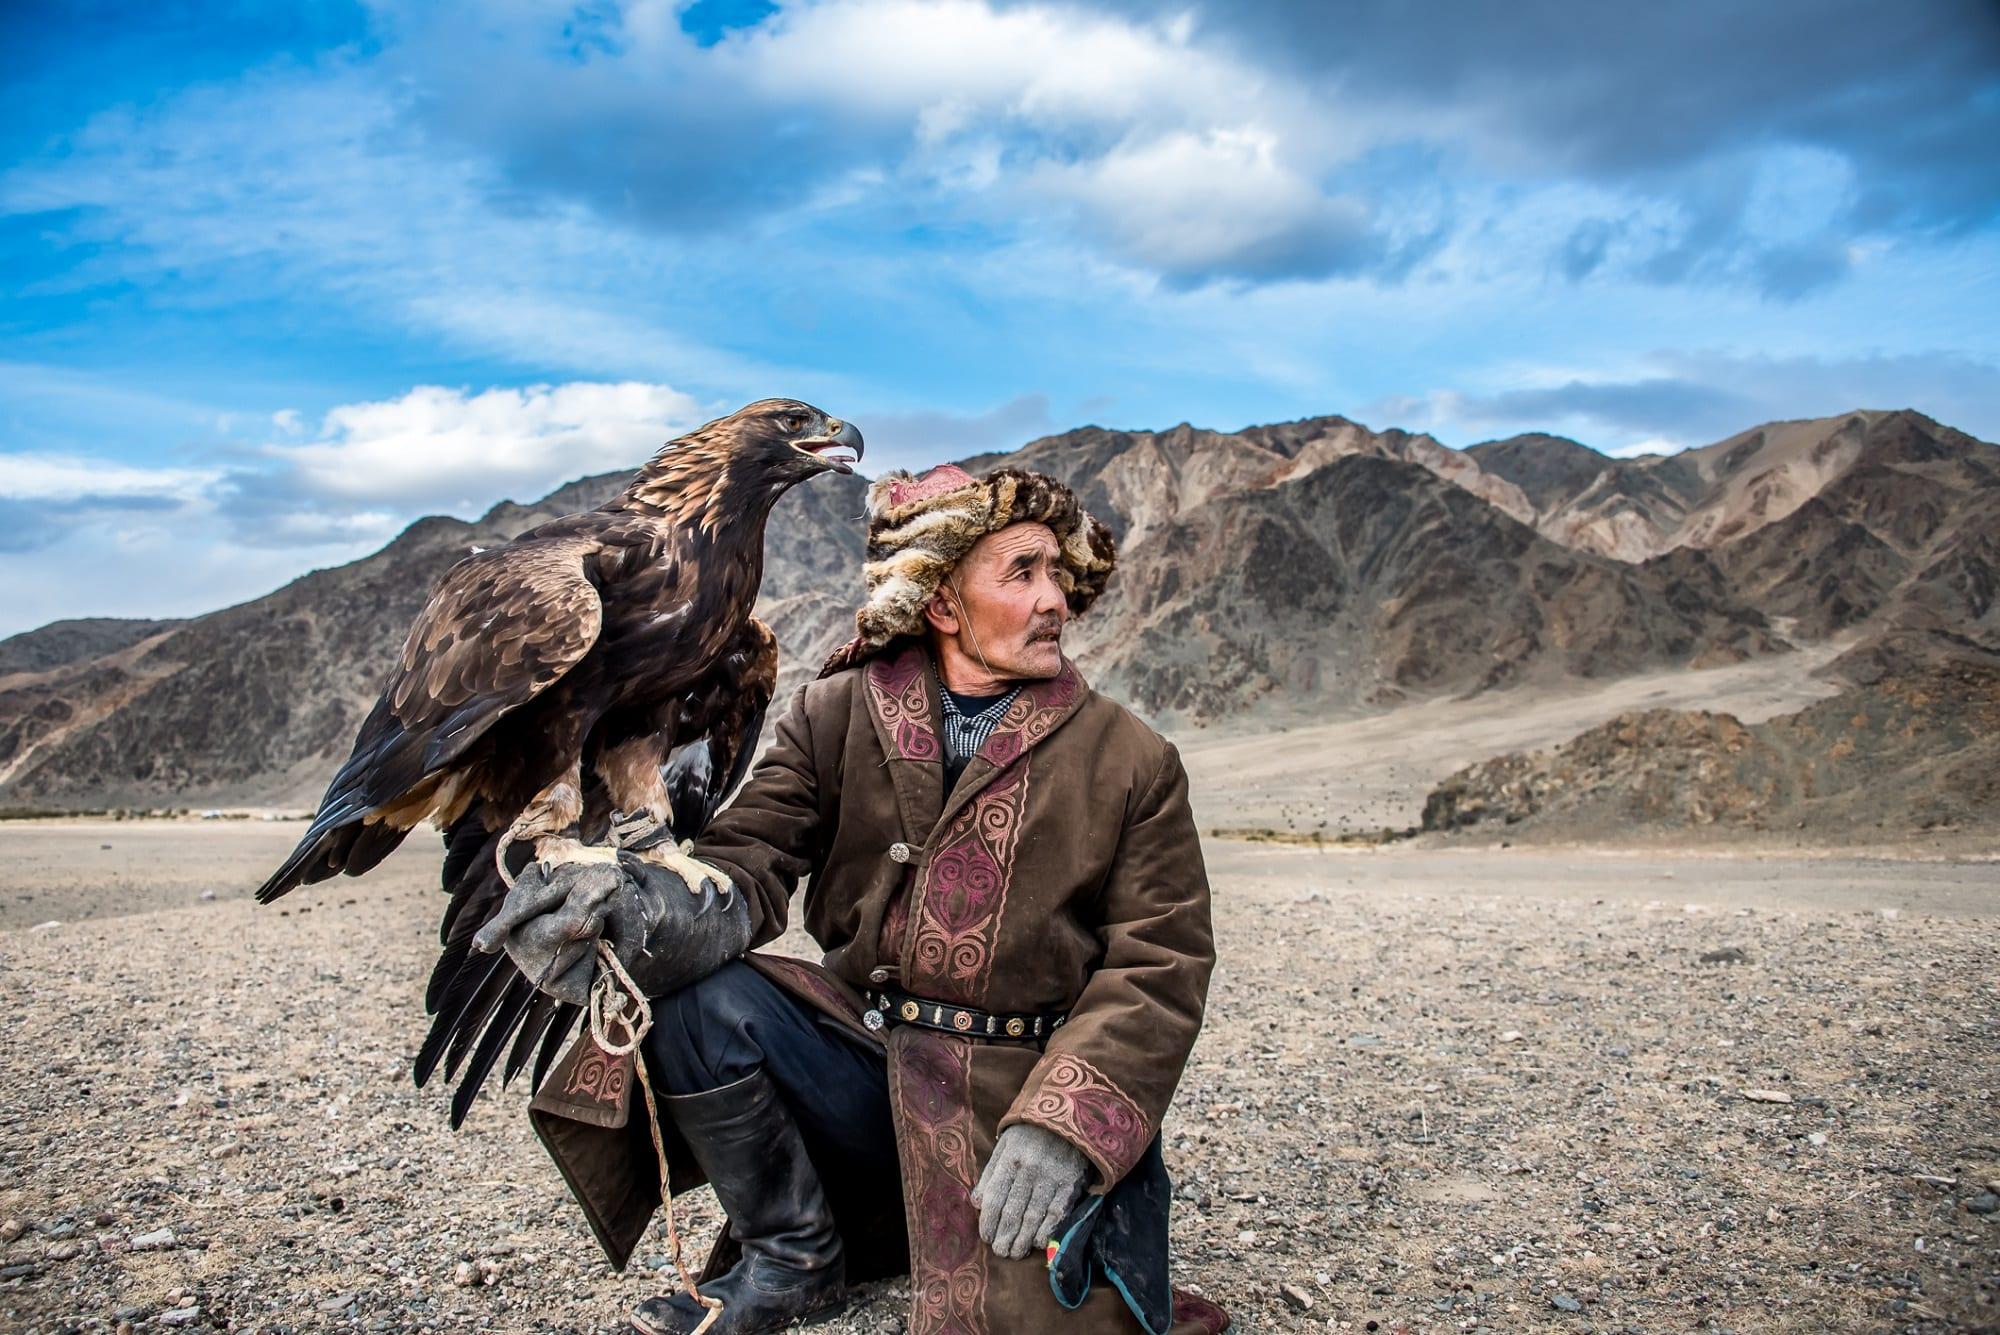 Kazakh Eagle Hunter and his Golden Eagle